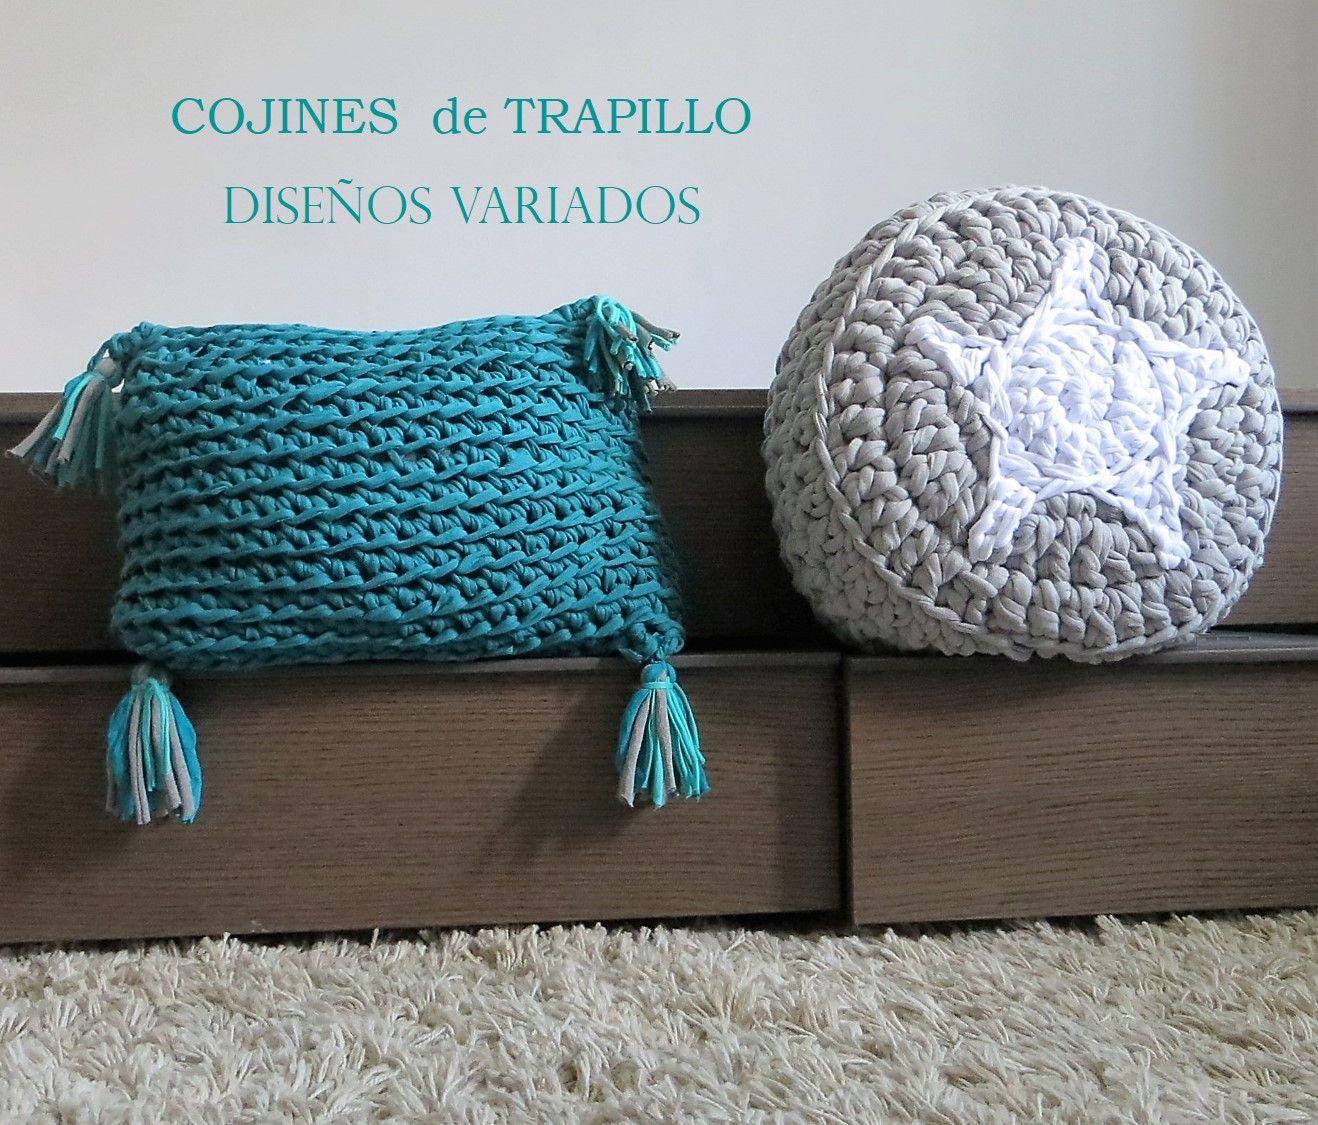 Cojines de trapillo hechos a mano con dise os variados for Cojines de trapillo